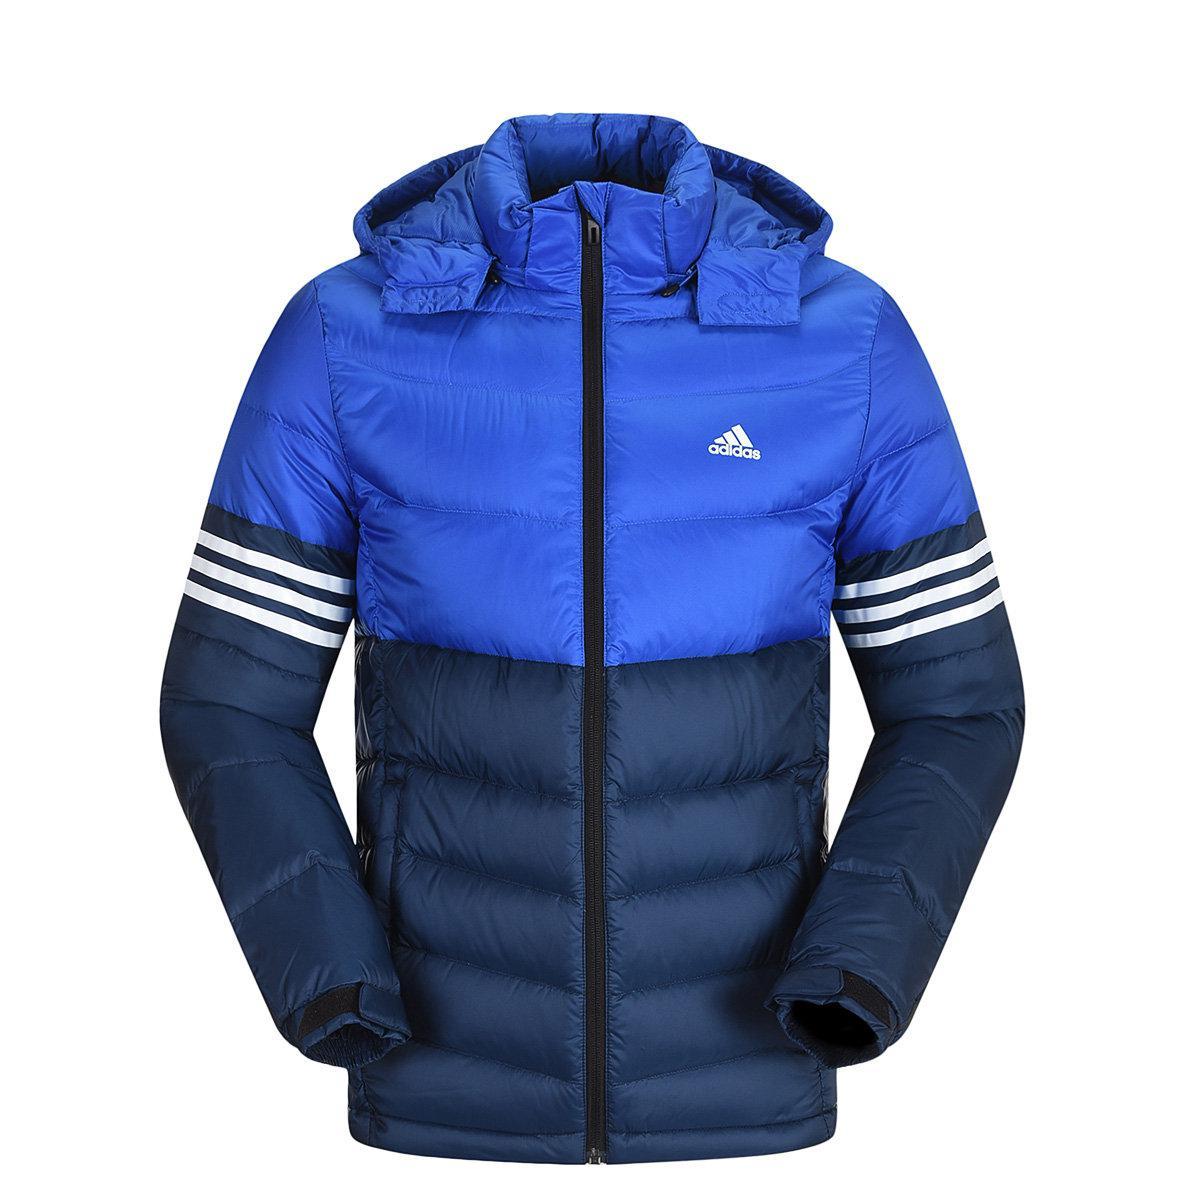 Мужская куртка Adidas DG90 CB 3S JKT AY4107   продажа, цена в ... ea53cf0f1c0